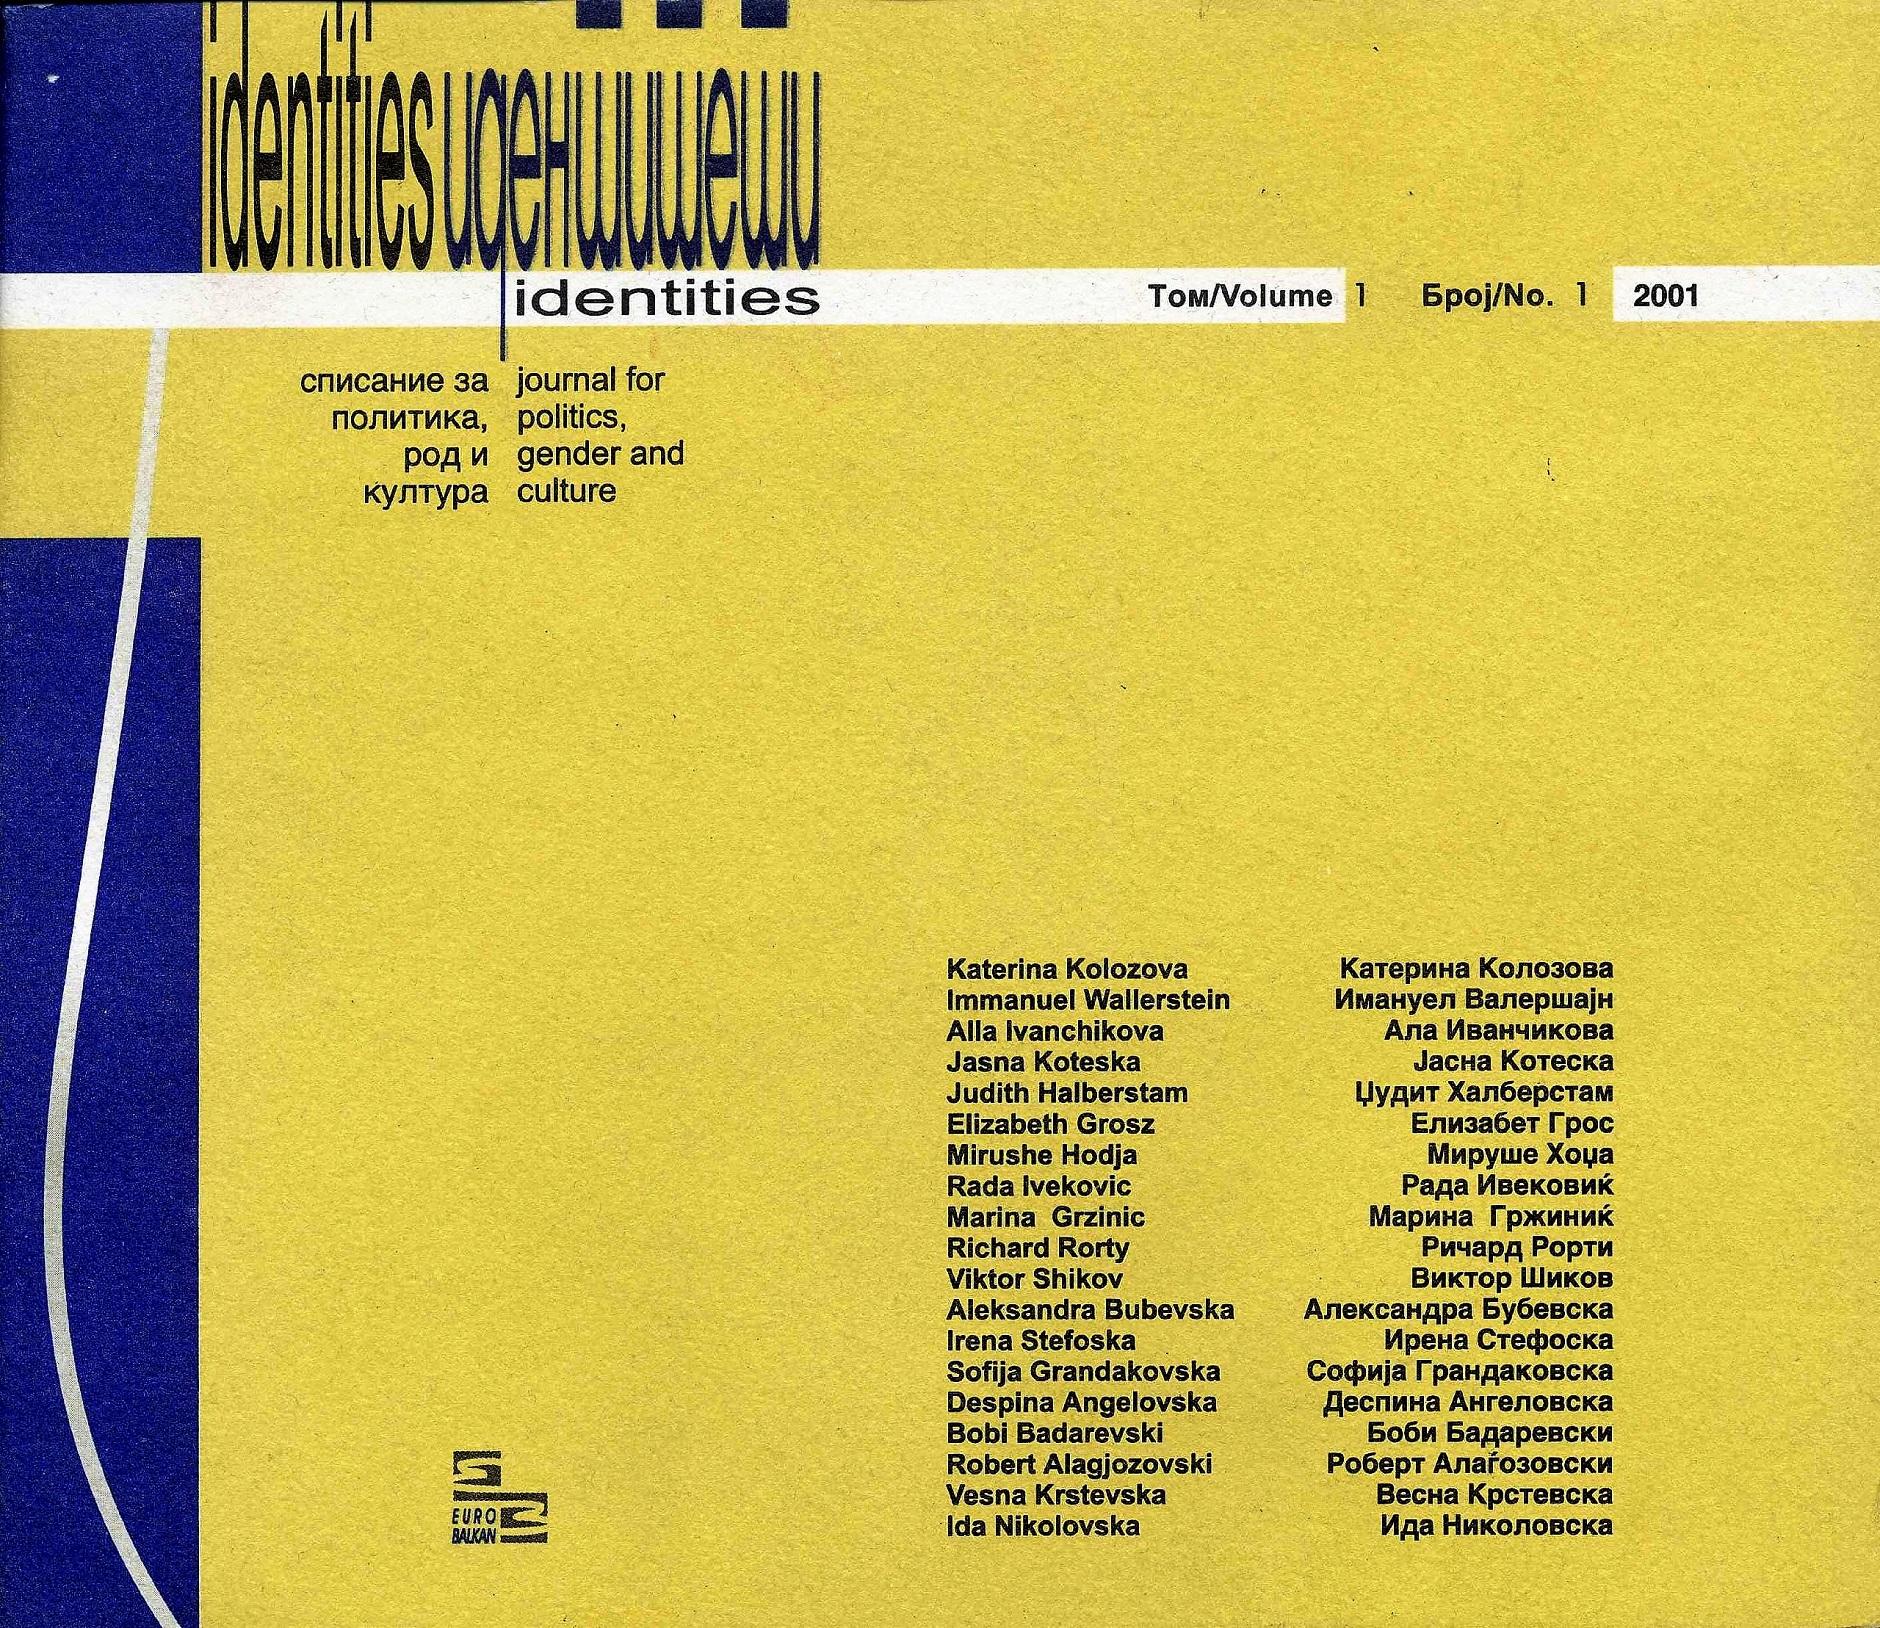 View Vol. 1 No. 1 (2001): Vol. 1, No. 1 (Summer 2001) - Issue No. 1